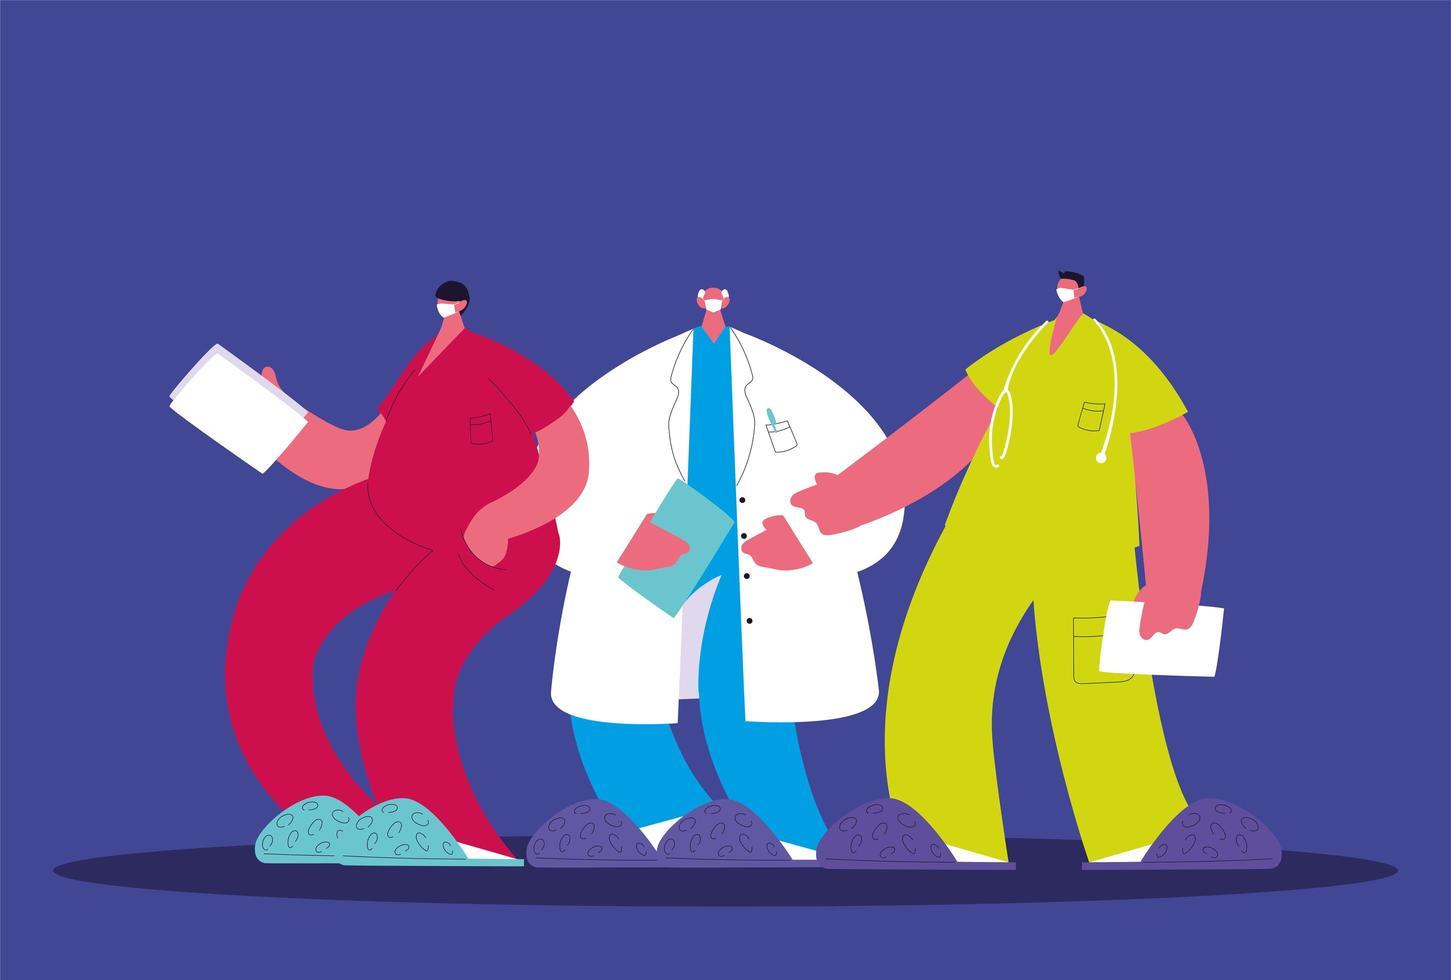 médicos do sexo masculino em pé. equipe médica vetor